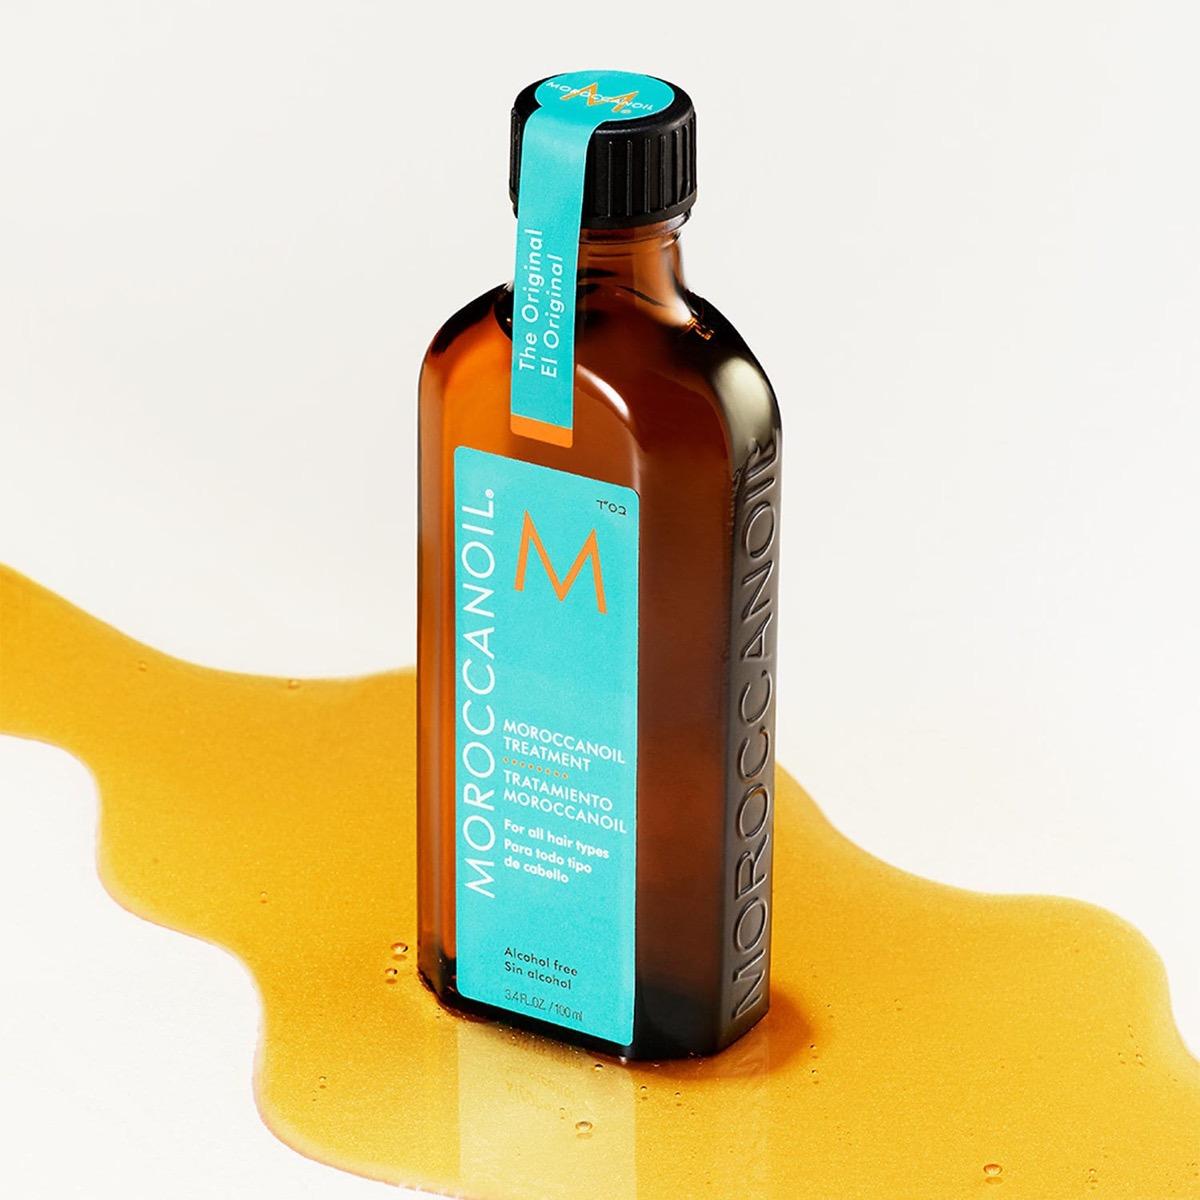 Moroccanoil bottle in pool of argan oil